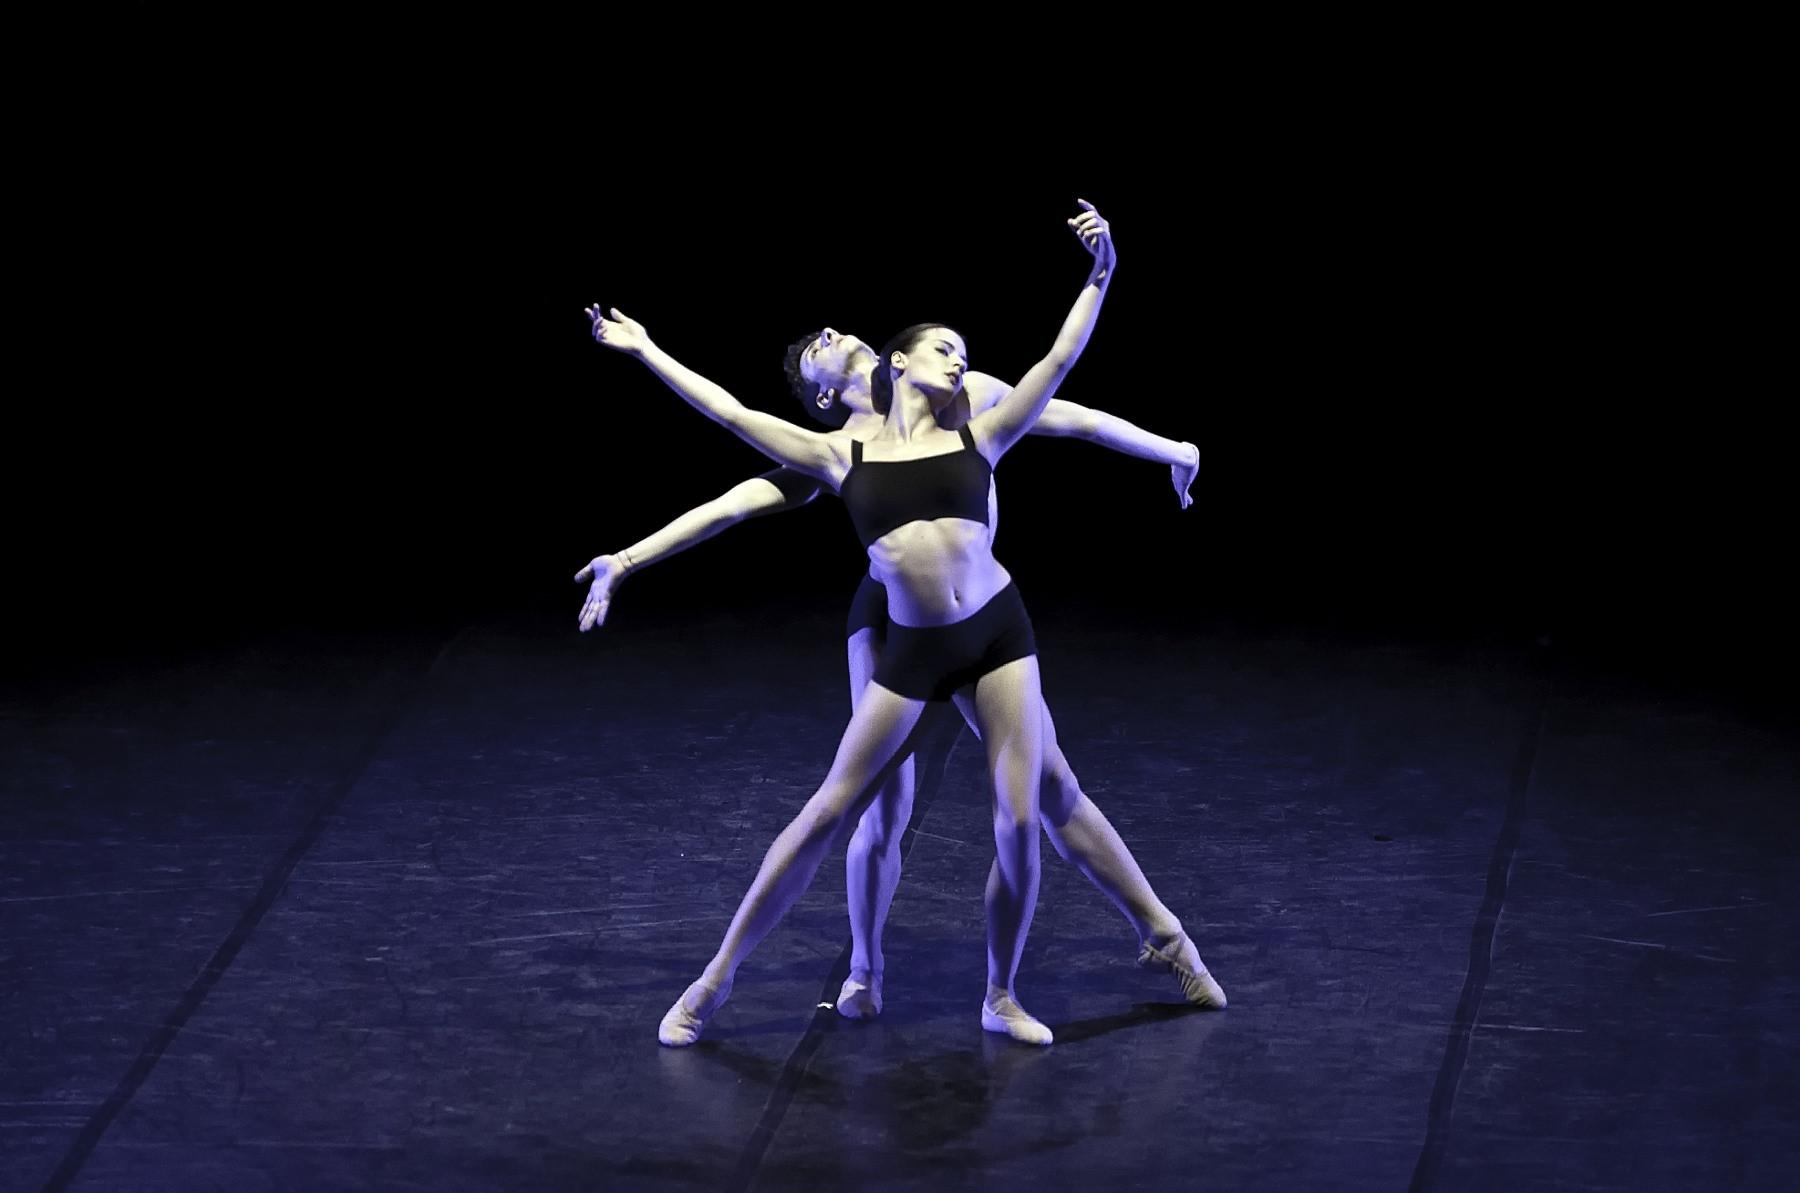 Gabriele-Rossi-126 Dance